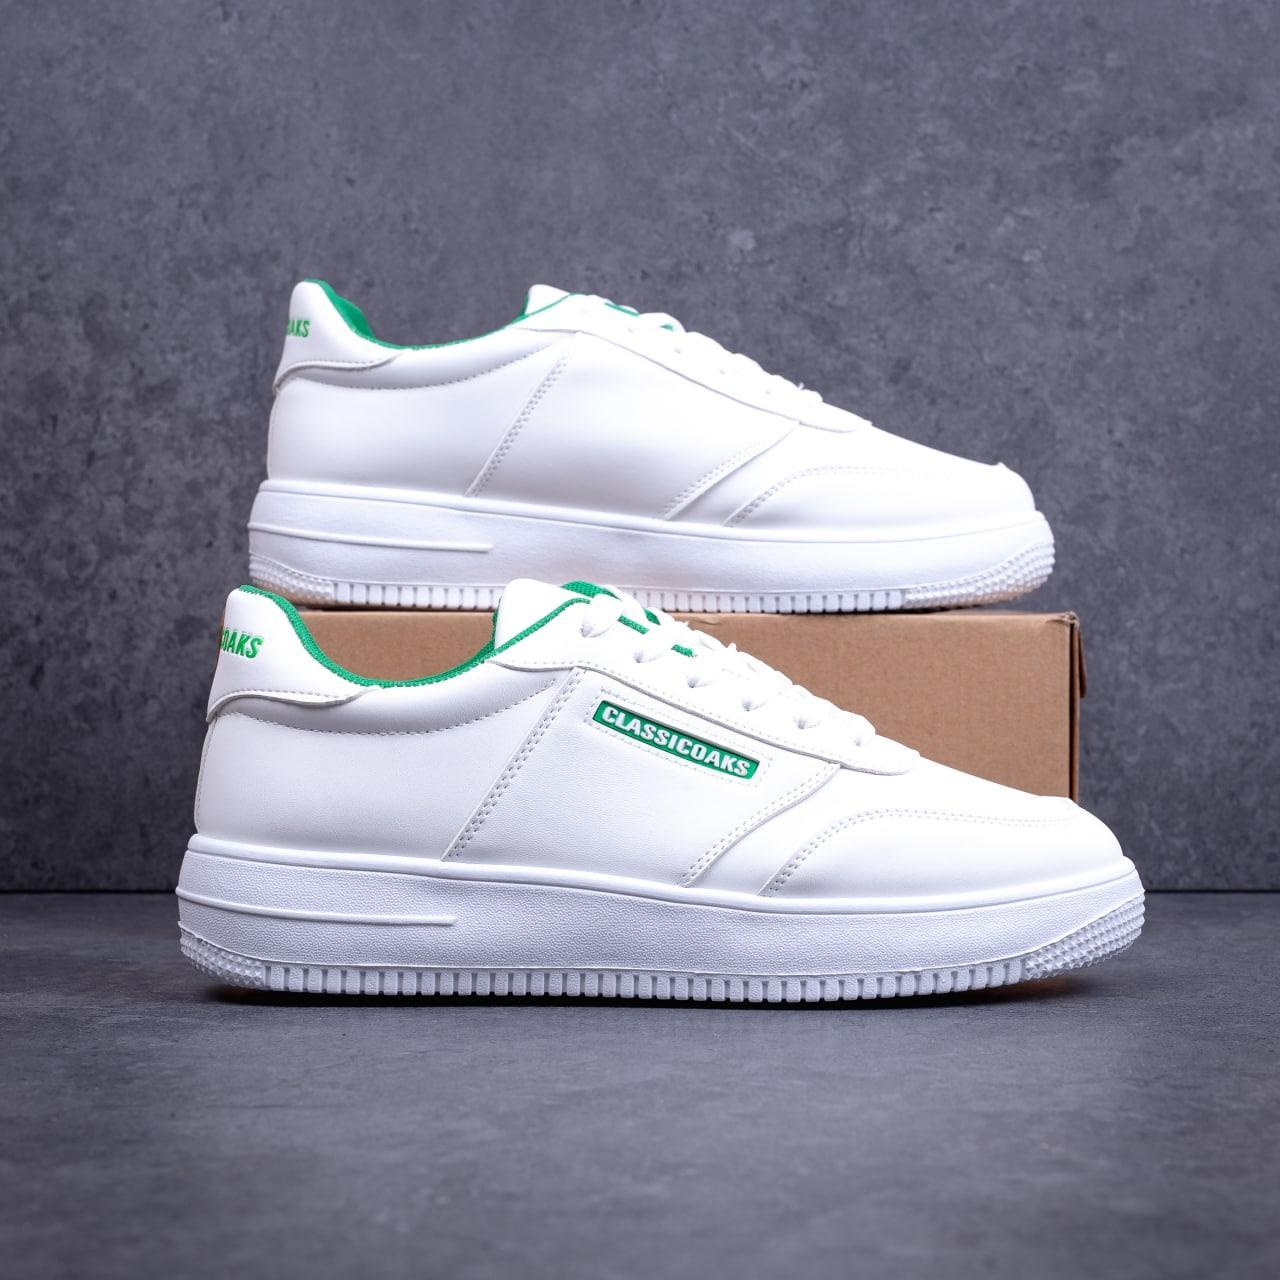 Мужские кроссовки Идеал классик (белые) 41-44р